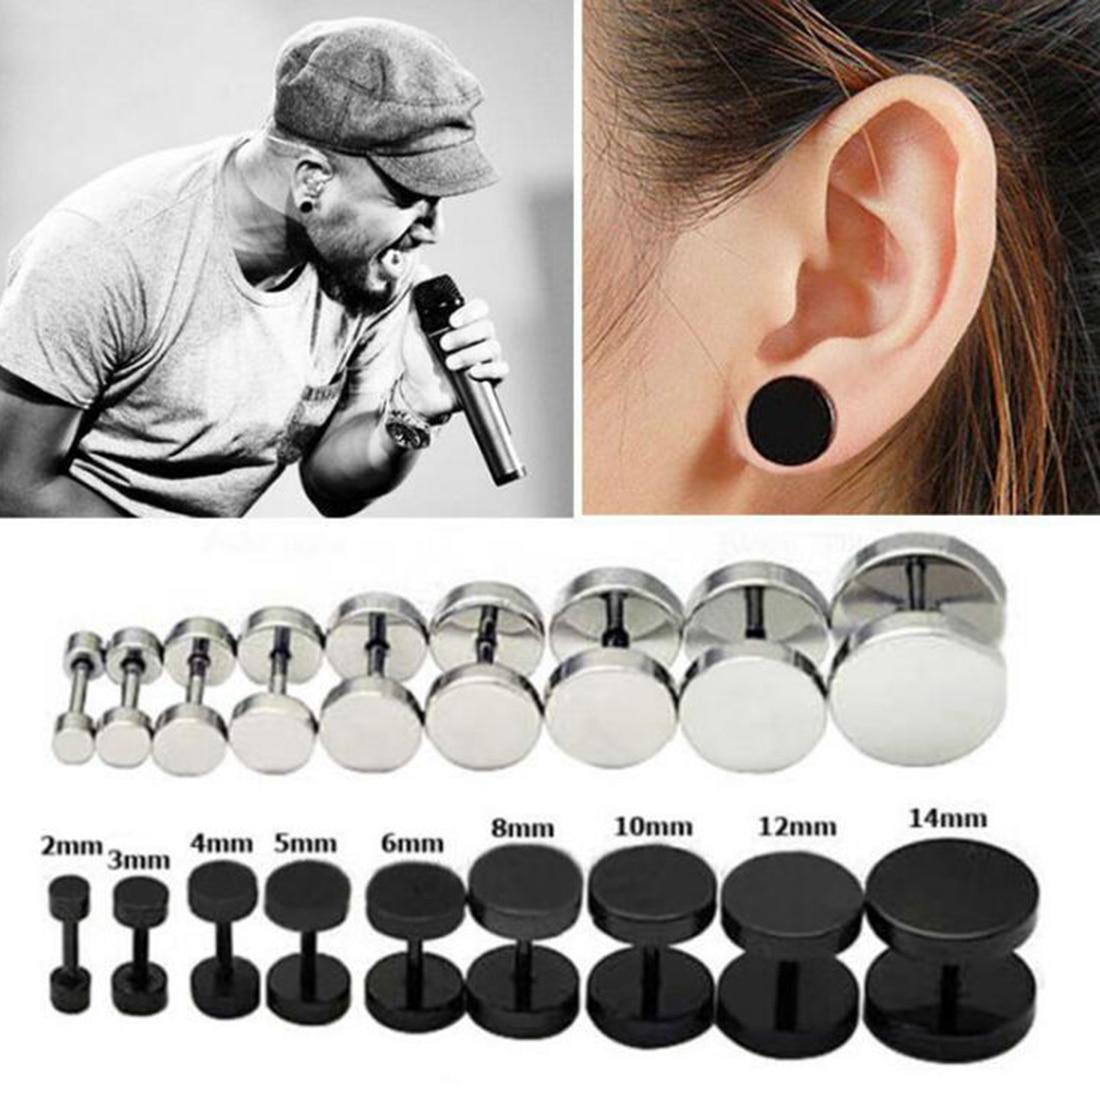 2Pcs Punk Black Unisex Stud Earring Barbell Piercing Earring For Men Women Gothic Street Pop Hip Hop Ear Jewelry Stainless Steel